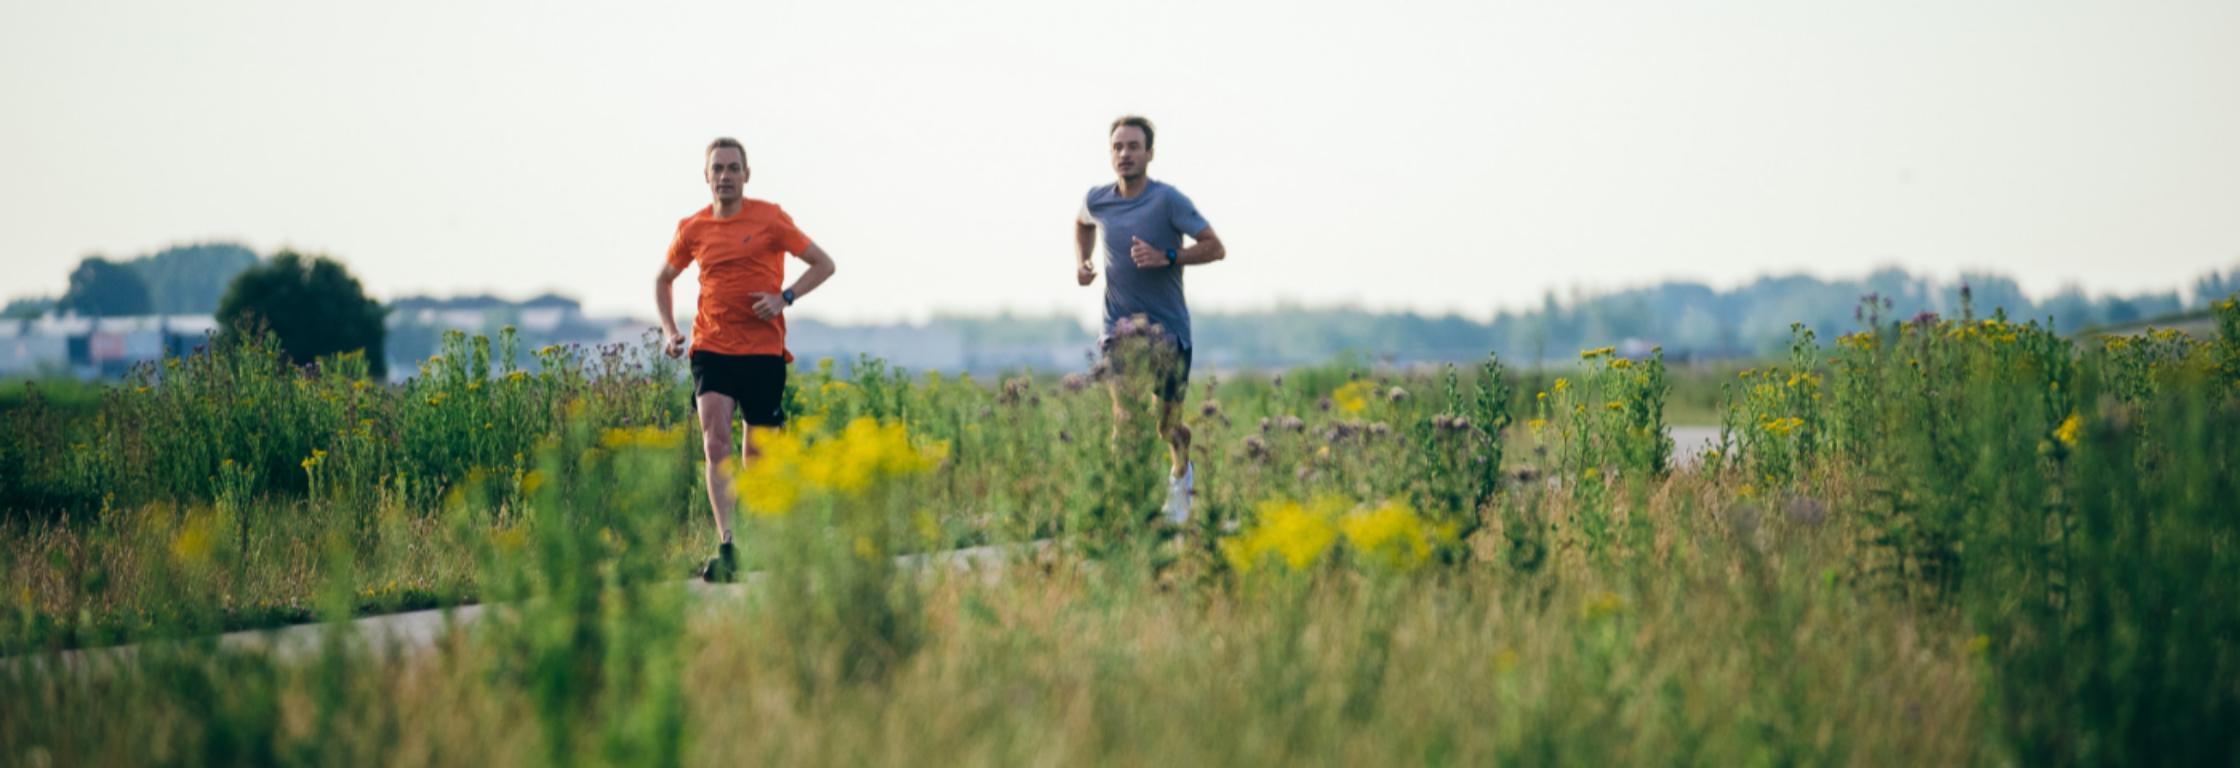 We Run 10K: een snelle(re) 10k lopen